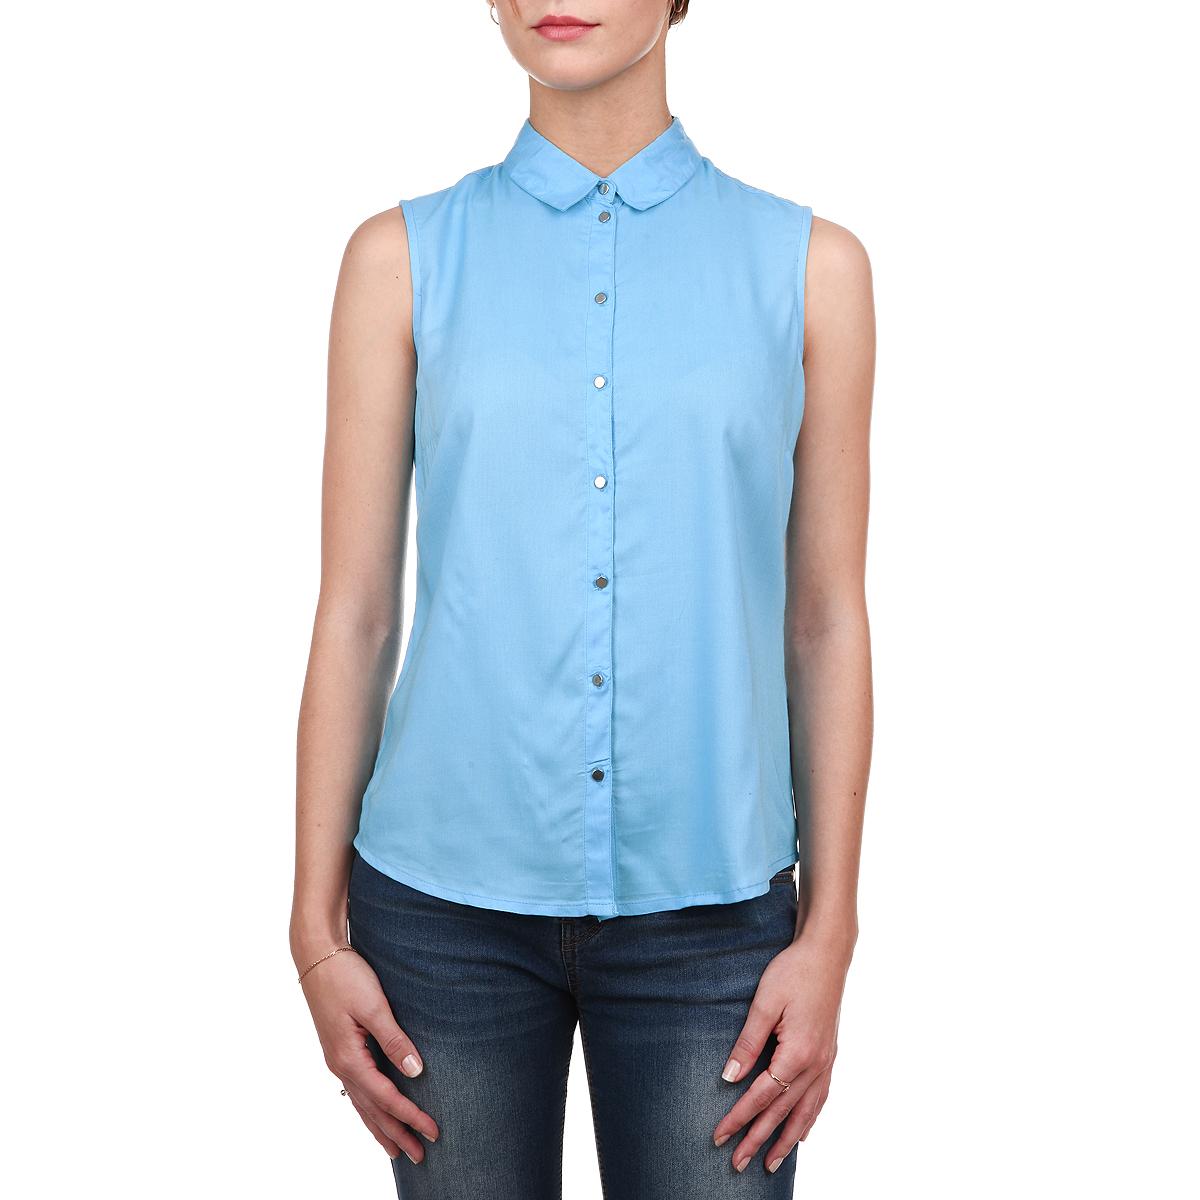 Блузка женская. SKS087SKS0876ZOСтильная блузка Top Secret выполнена из мягкой вискозы, очень приятной на ощупь. Модель прямого кроя с отложным воротником, полукруглым низом и без рукавов. Изделие застегивается на пуговицы по всей длине. Модная блузка займет достойное место в вашем гардеробе.